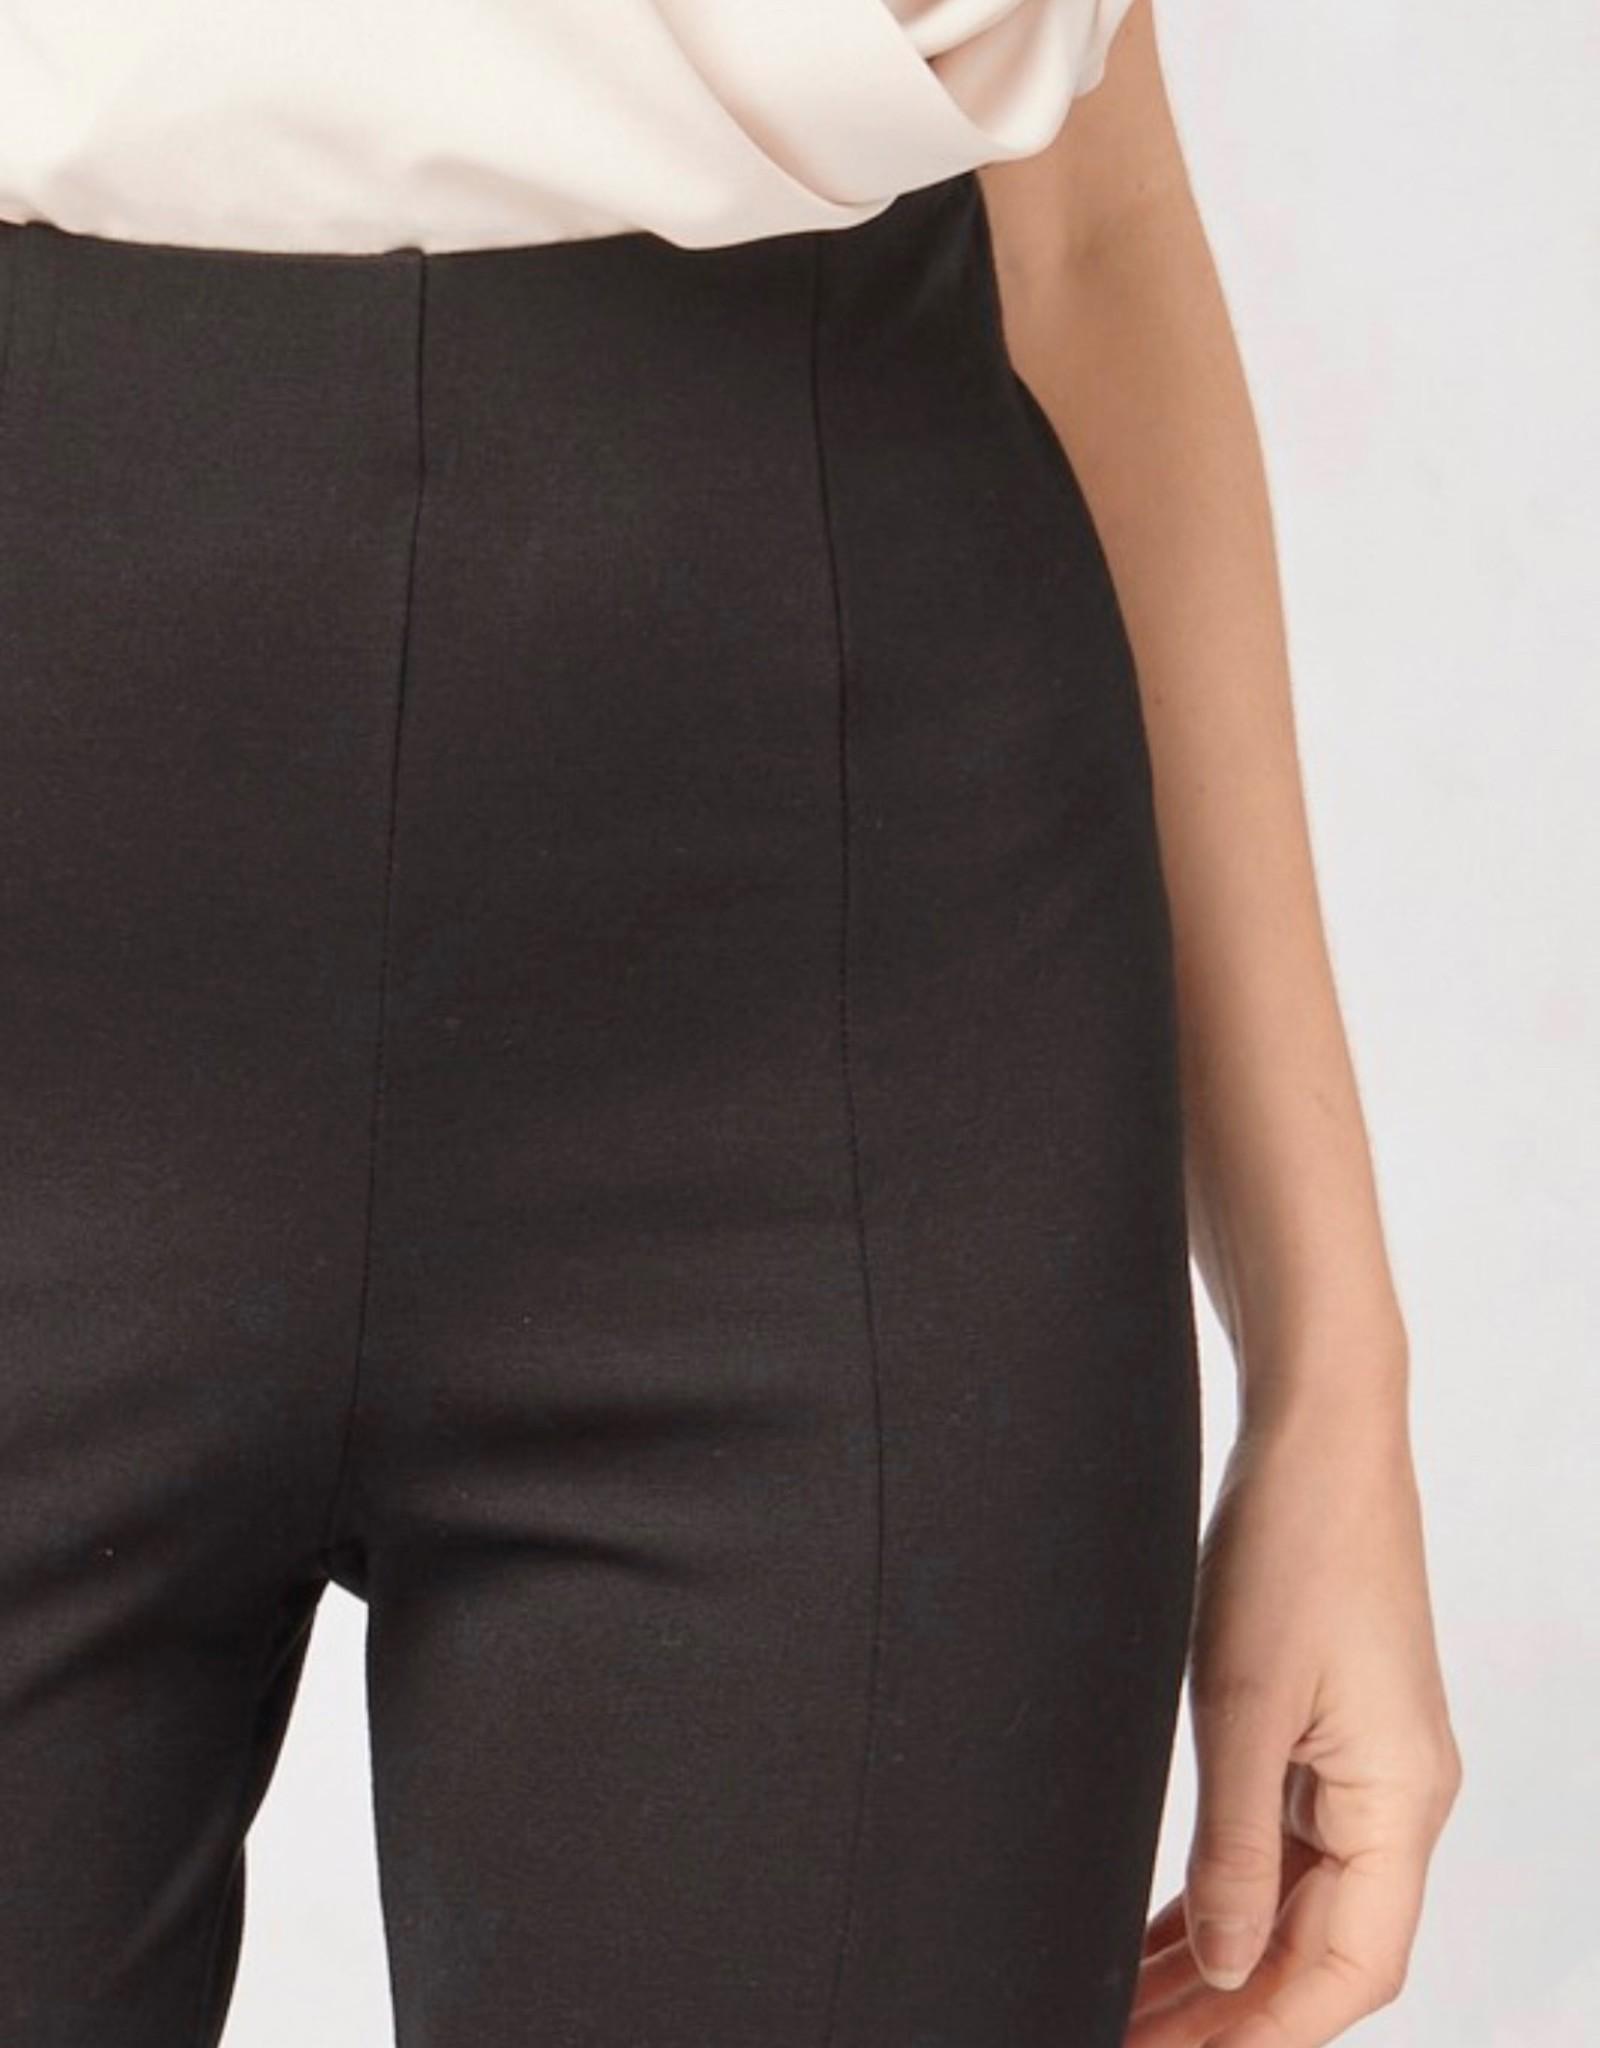 HUSH Pointe split hem skinny cut pants